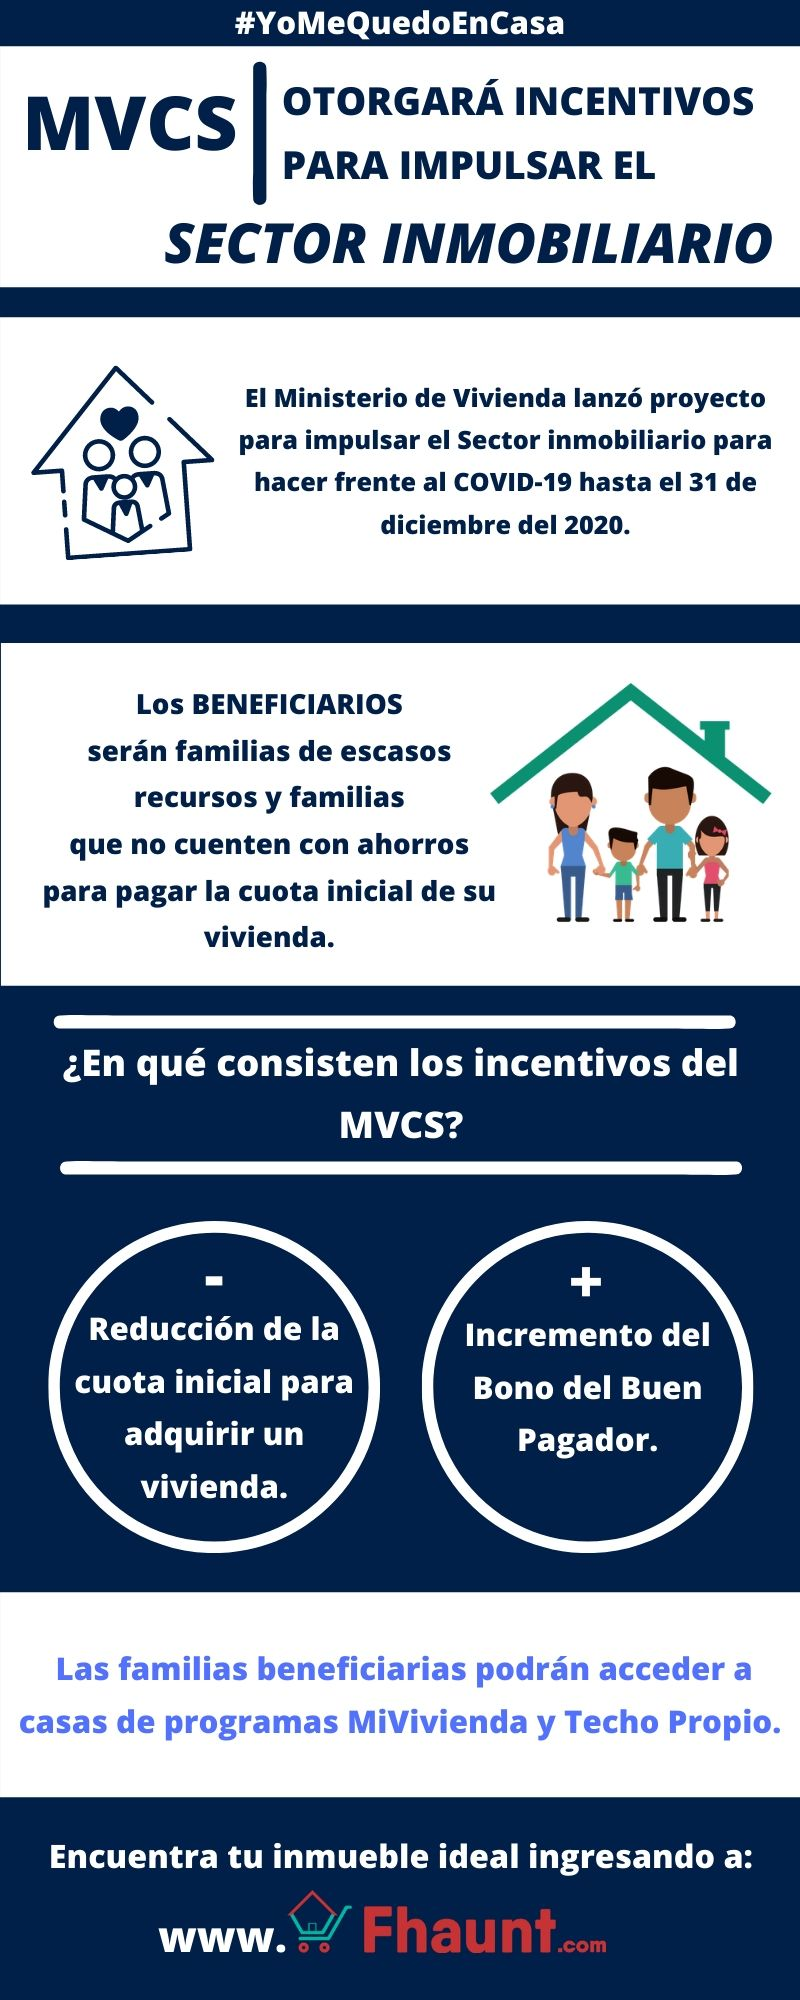 Ministerio de Vivienda otrogará incentivos para impulsar sector inmobiliario